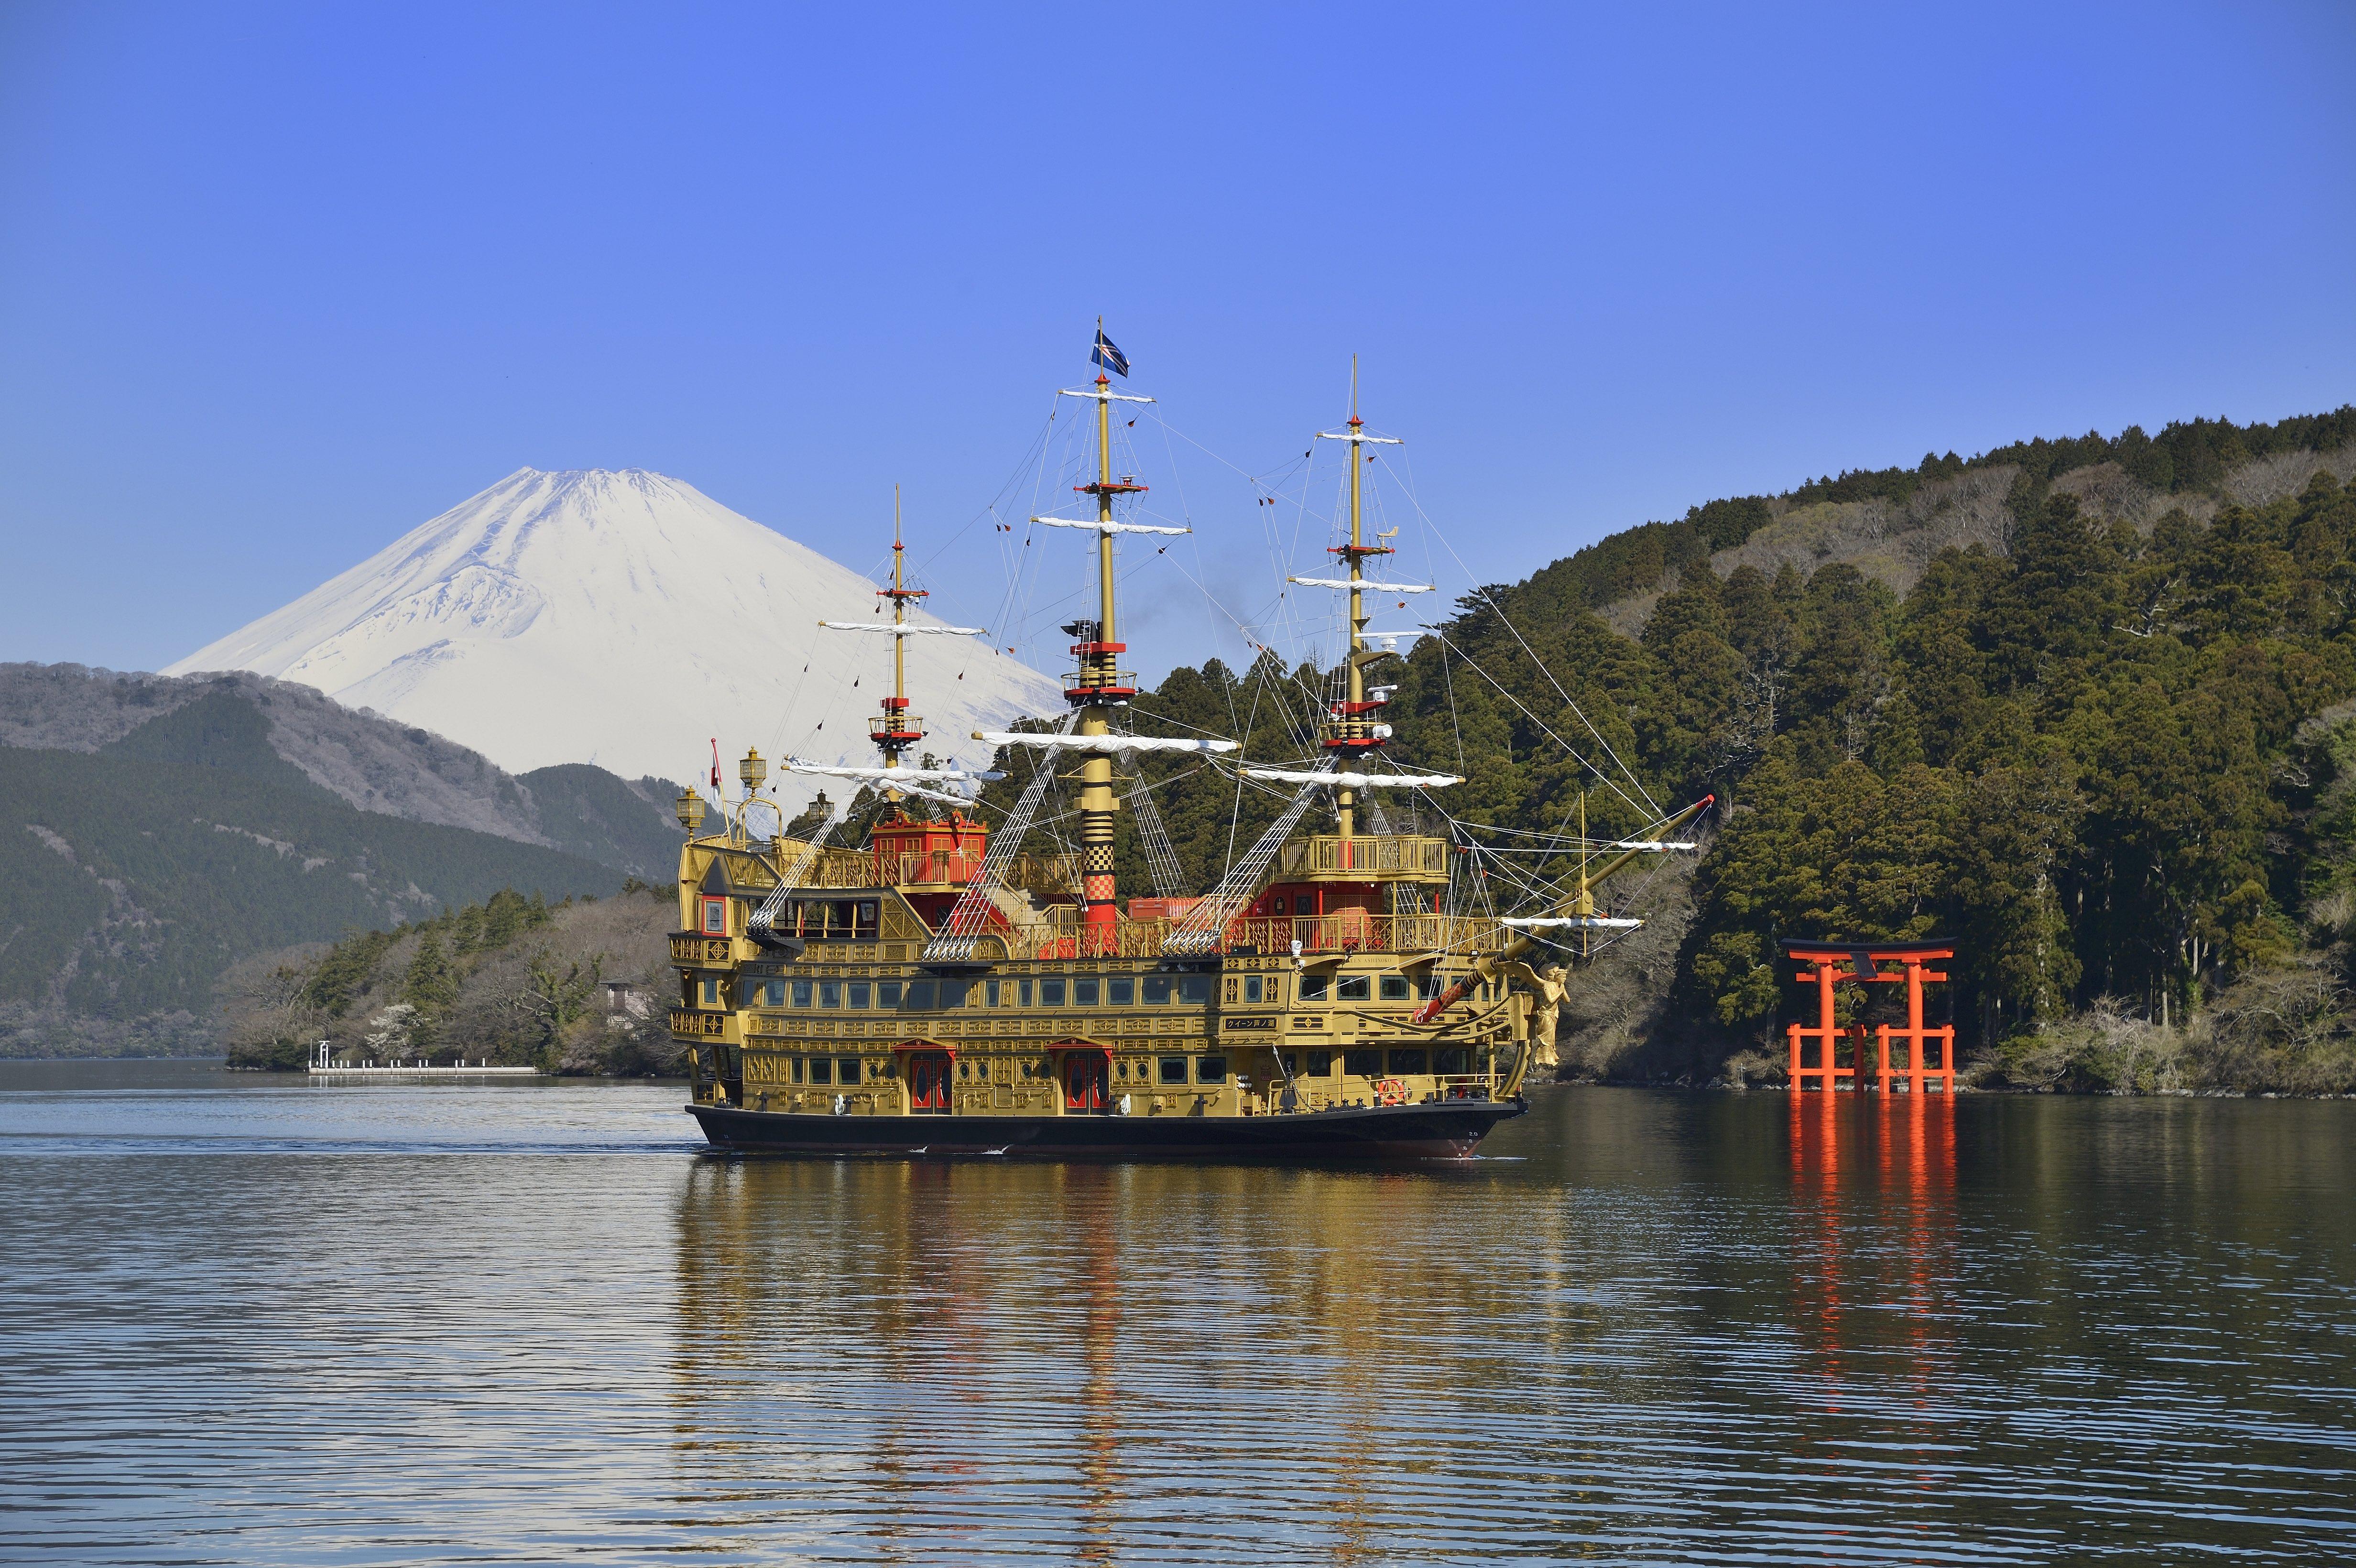 箱根芦ノ湖に浮かぶ「箱根海賊船」におすすめのデートプランをインタビュー!